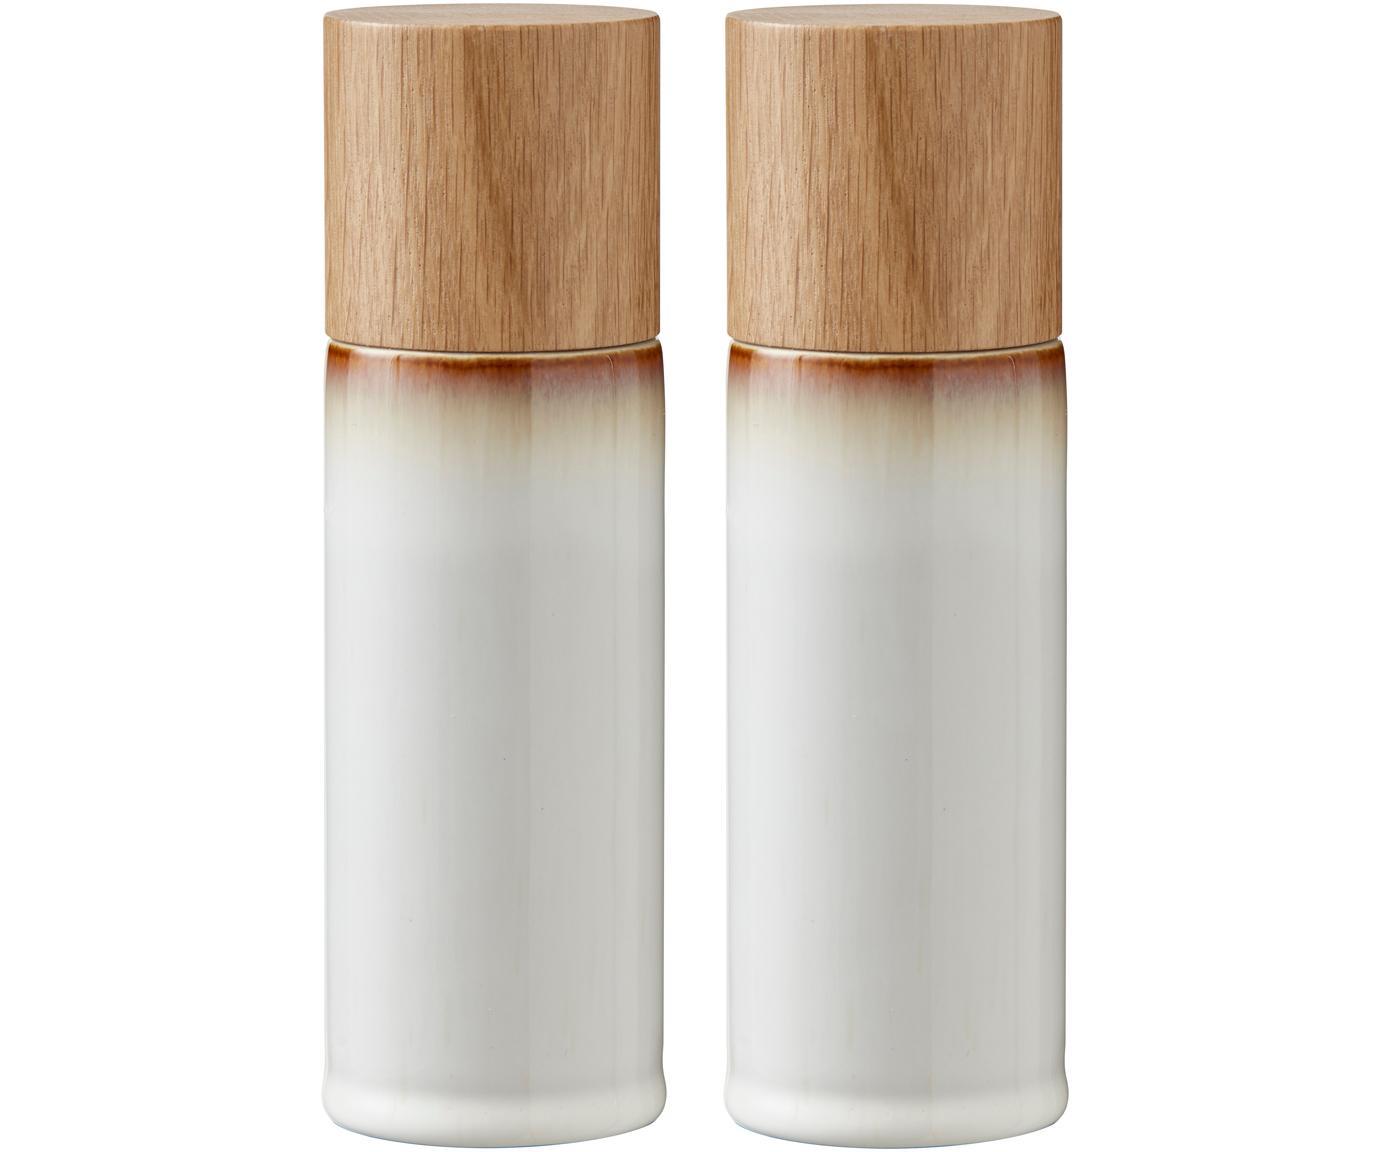 Steingut Salz- und Pfeffermühle Bizz mit Holzdeckel, 2er-Set, Deckel: Eichenholz, Mahlwerk: Keramik, Cremeweiss, Braun, Holz, Ø 5 x H 17 cm